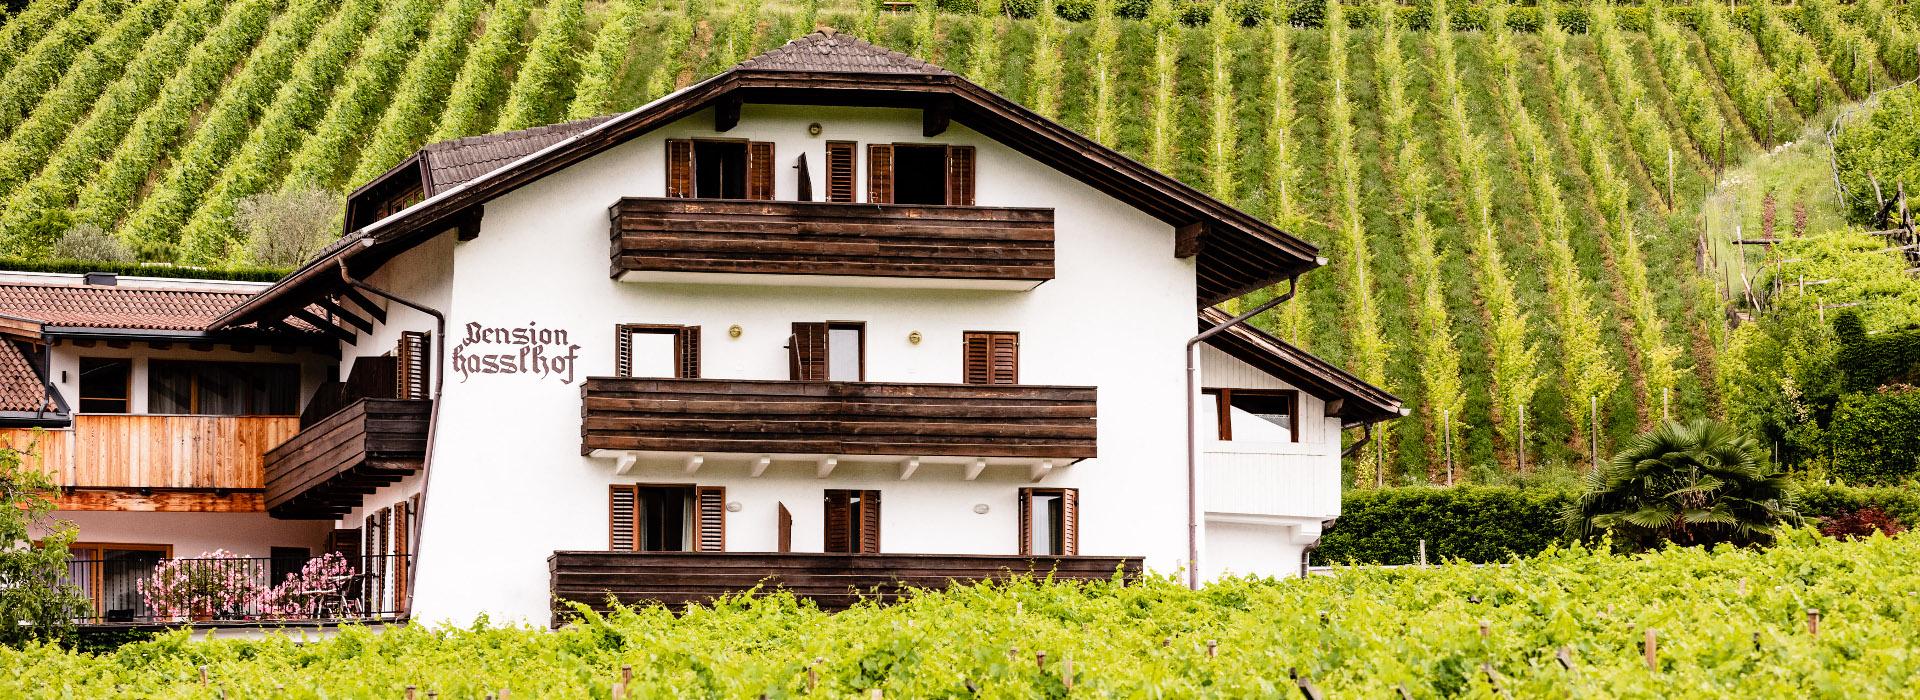 Stammhaus Pension Hasslhof: Ihr Weinhotel Südtirol mitten in den Weinbergen Kalterns